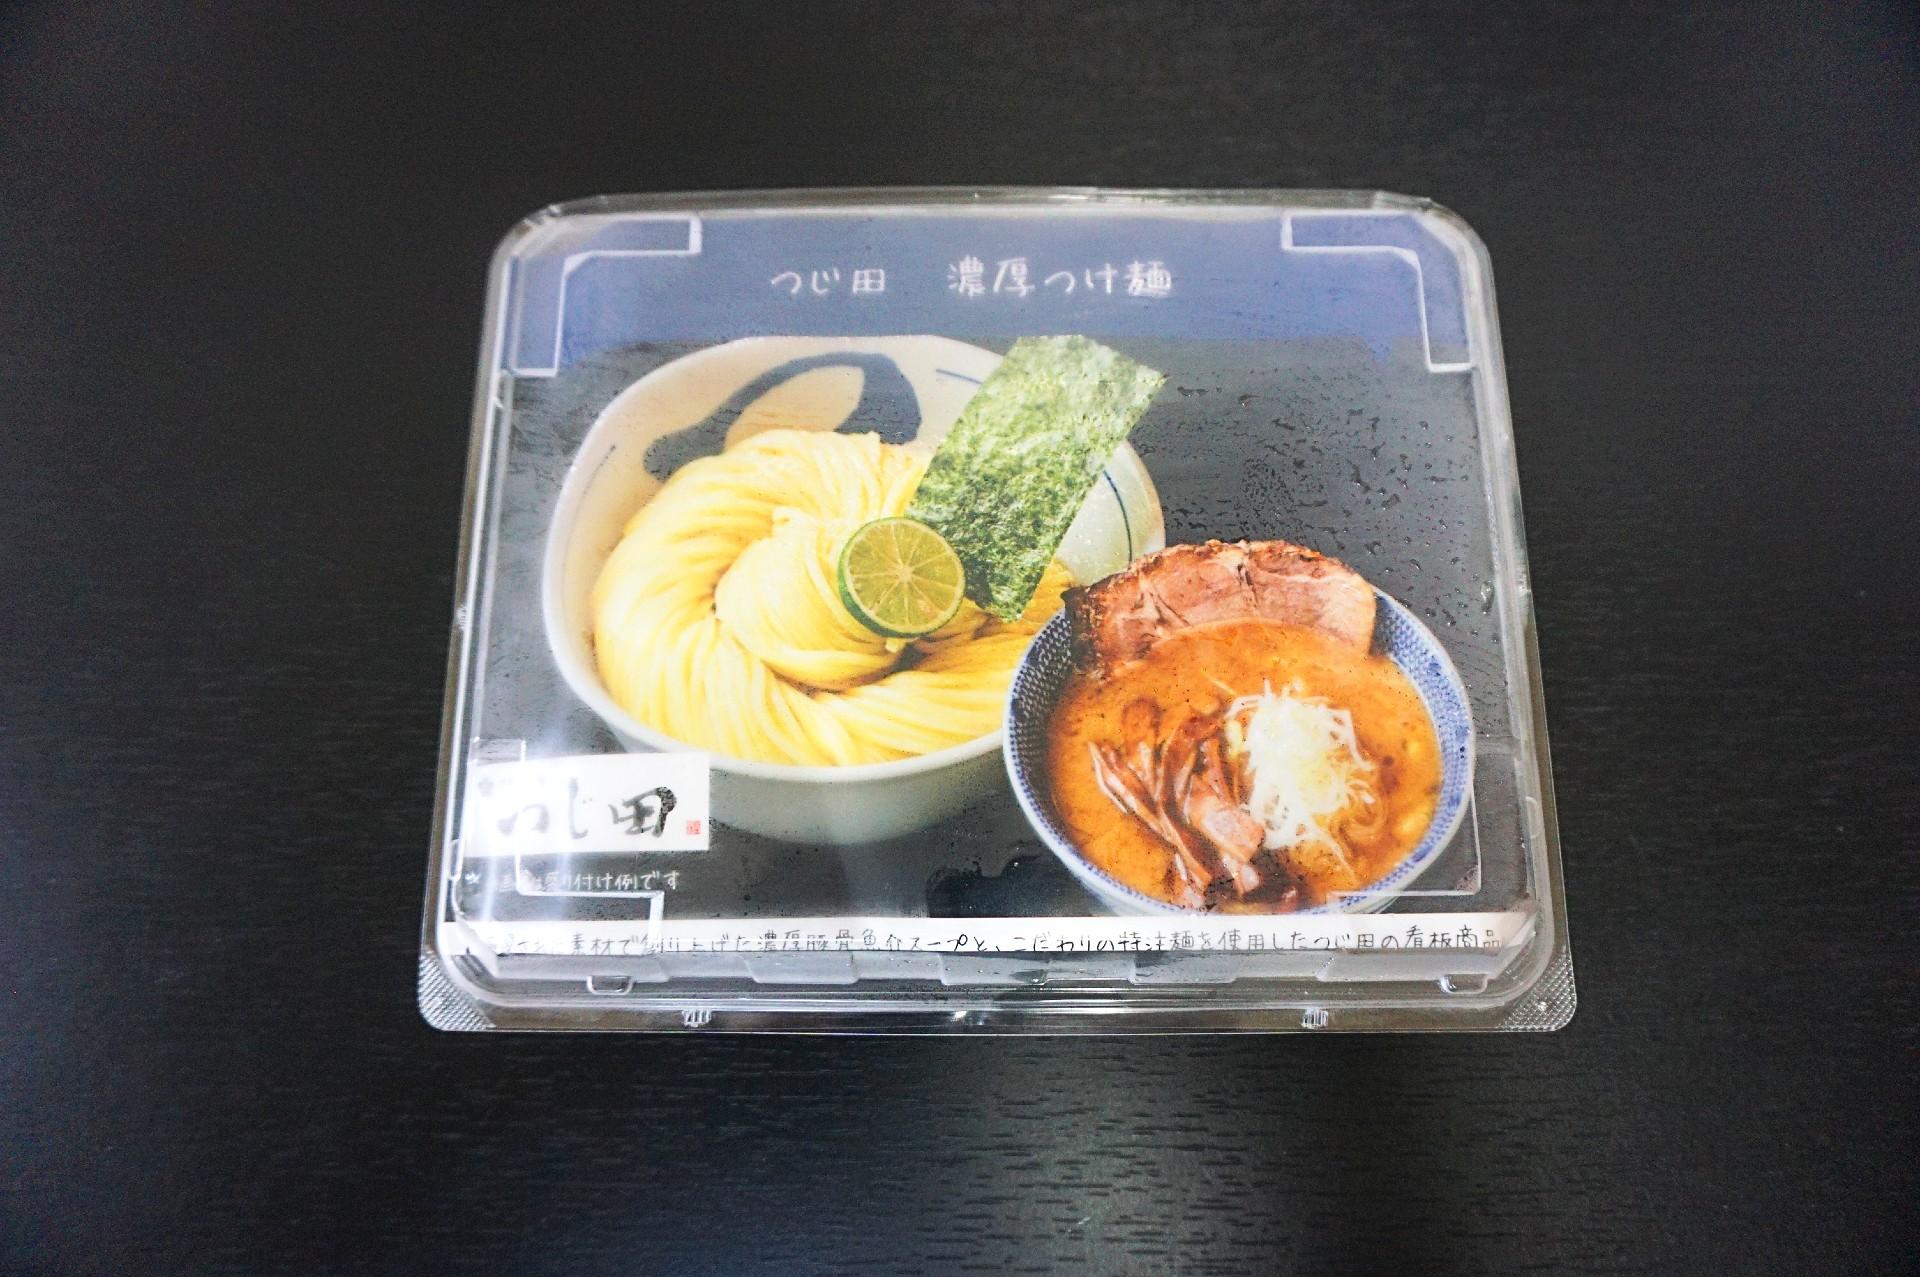 『つじ田 濃厚つけ麺』税込み1000円